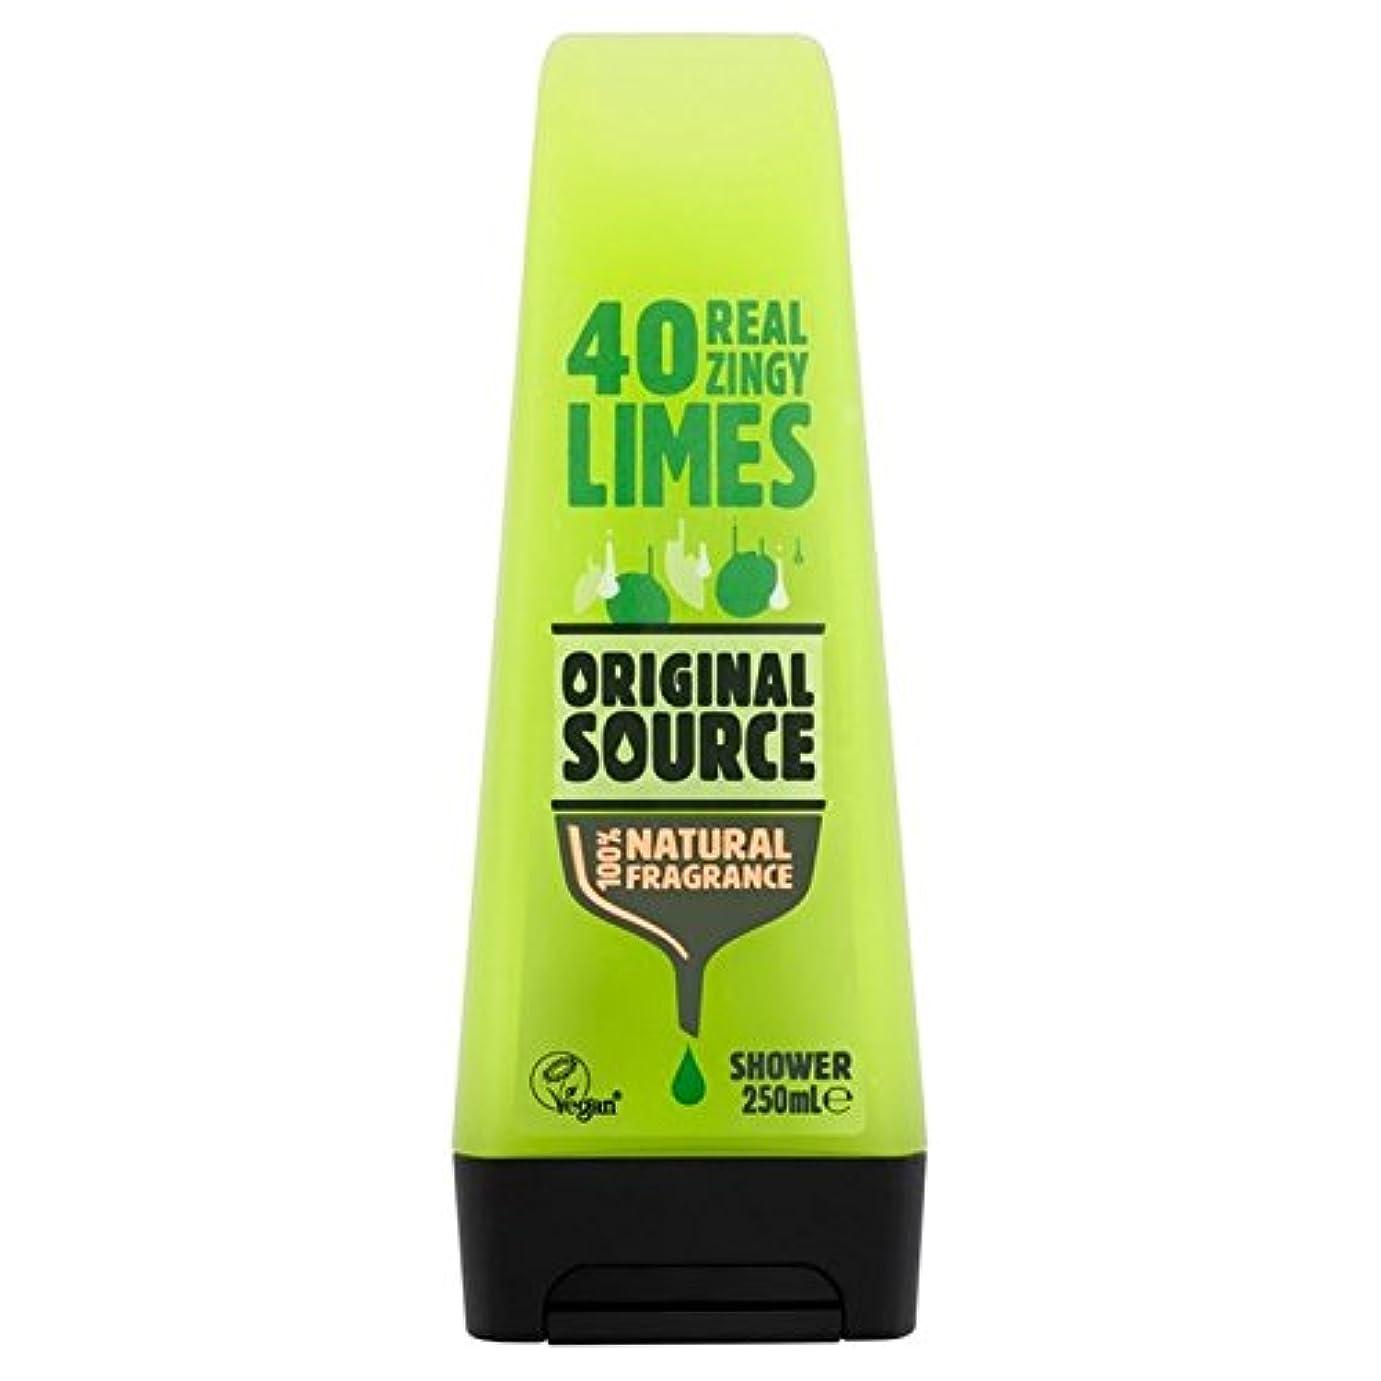 ランタン浴足首Original Source Lime Shower Gel 250ml - 元のソースライムシャワージェル250ミリリットル [並行輸入品]